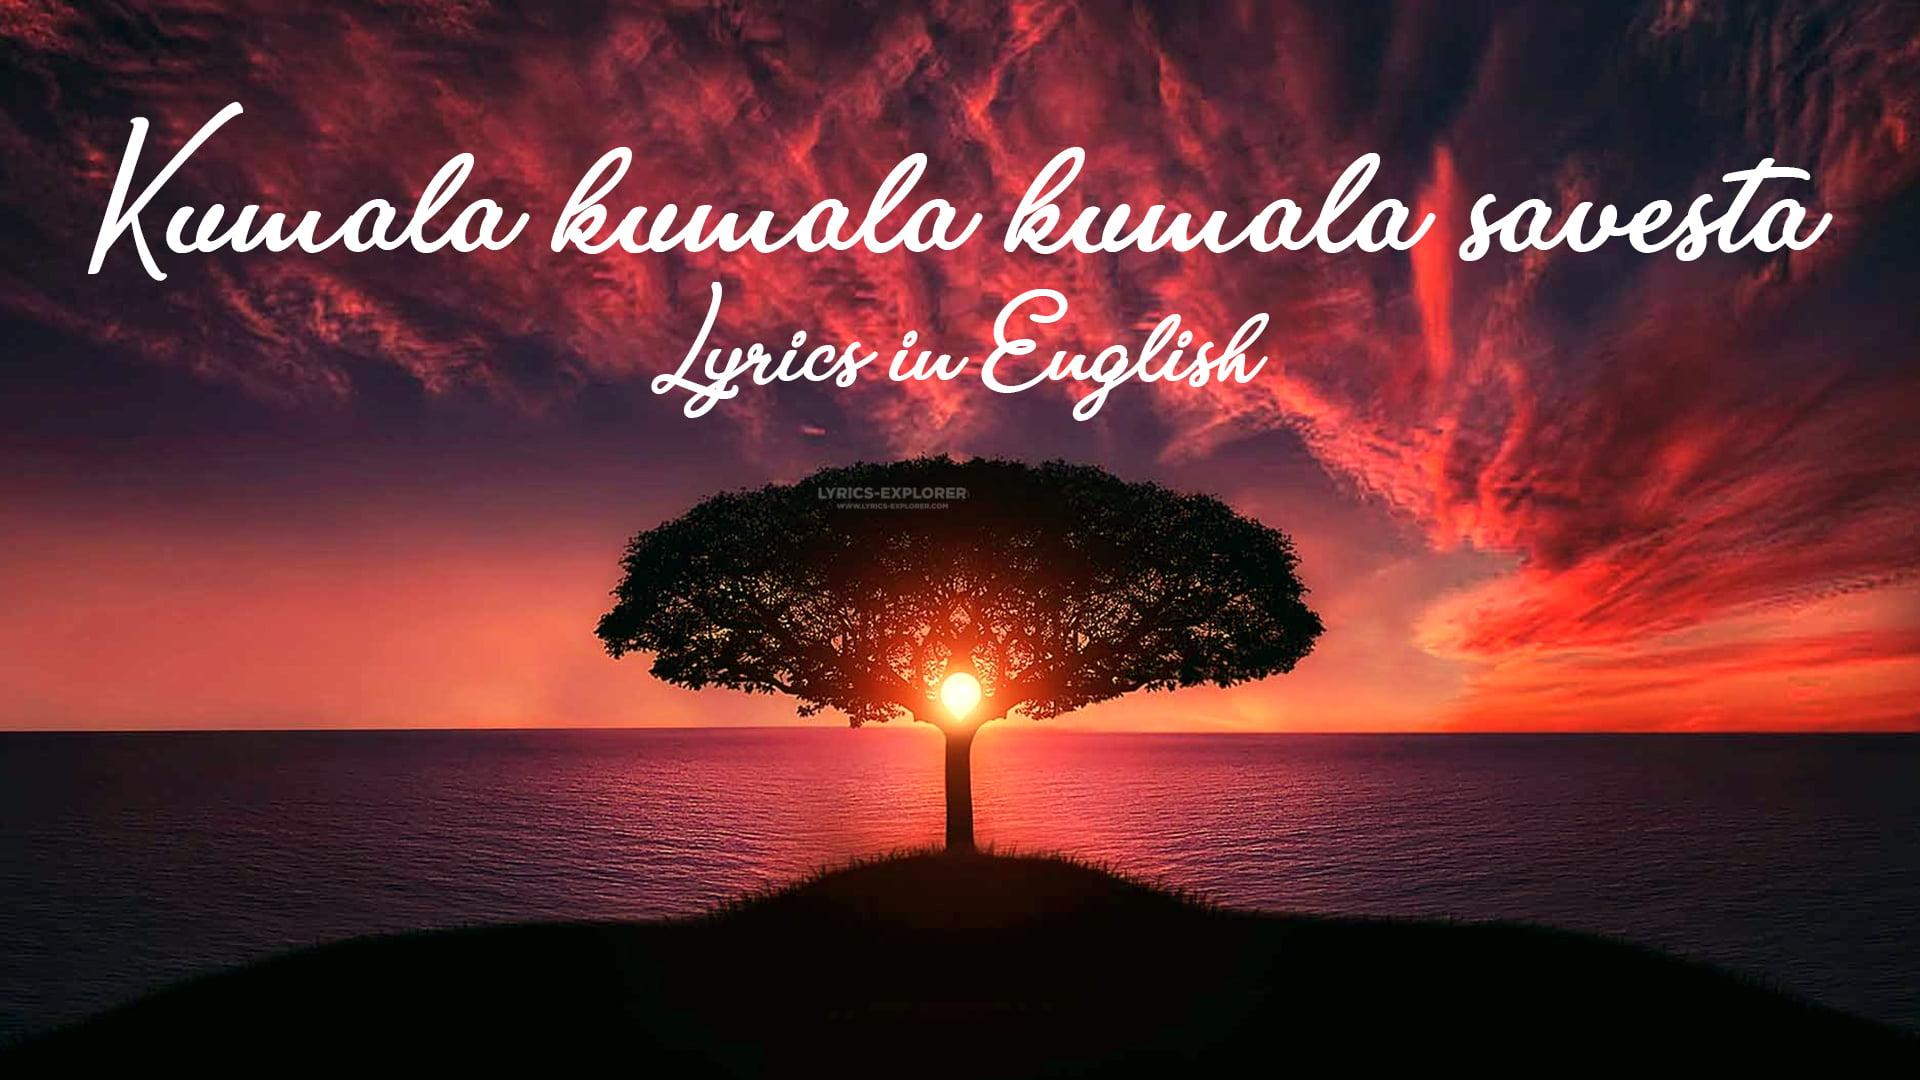 You are currently viewing Kumala kumala kumala savesta lyrics in English free Download